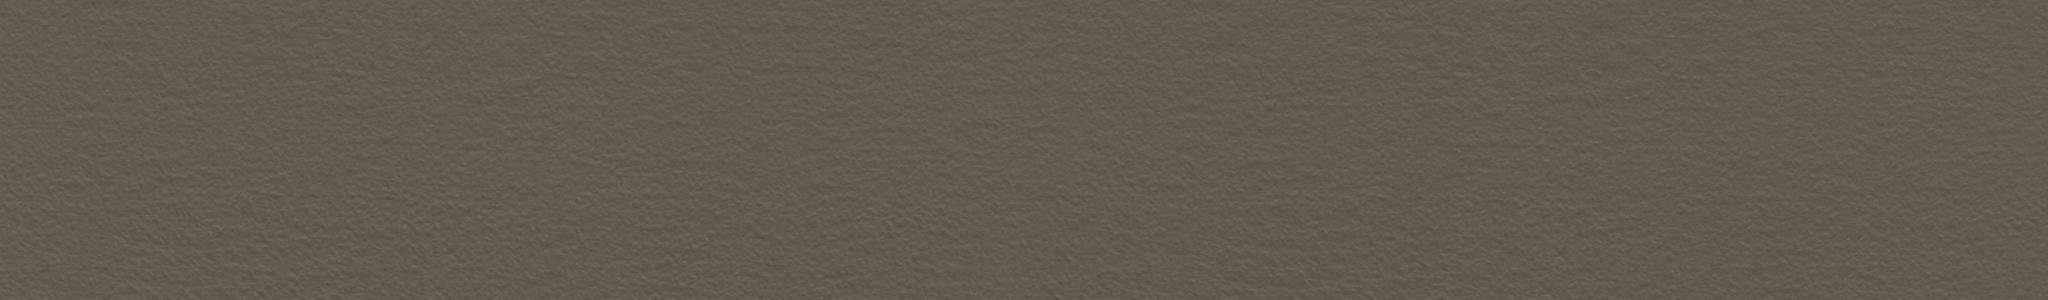 HU 18116 ABS Kante UNI Braun feinperl 107